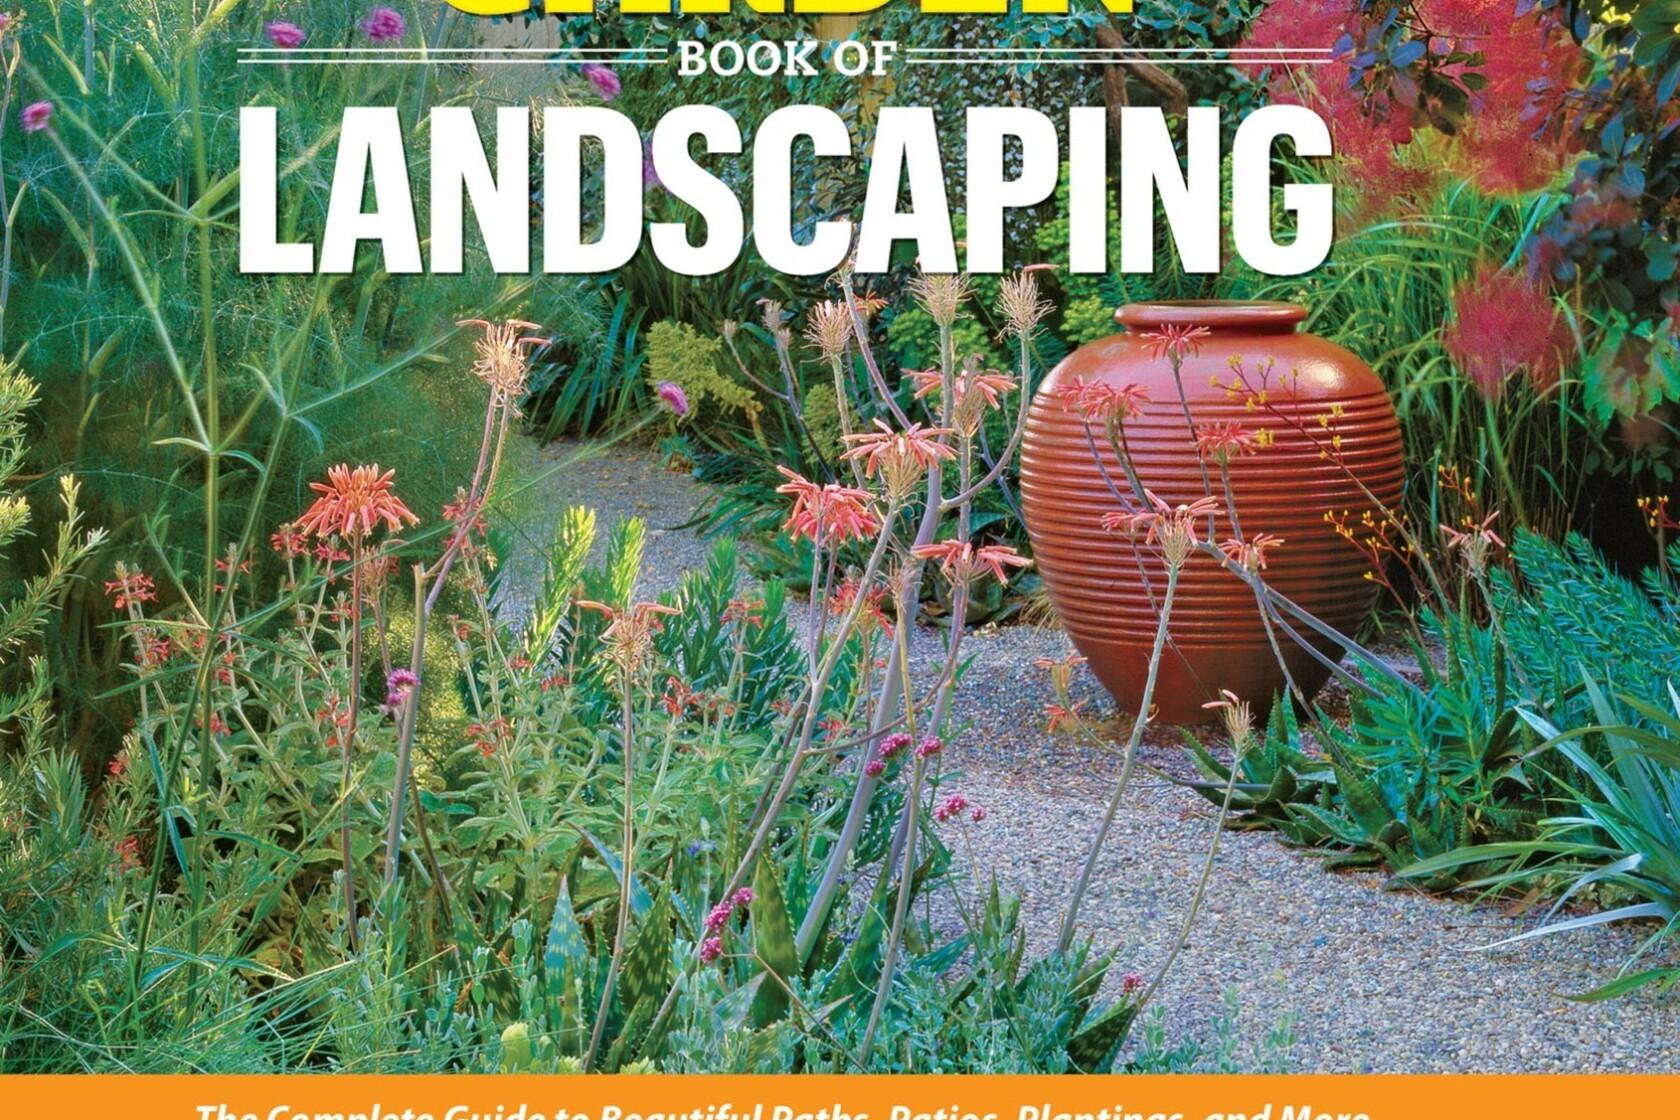 Sunset Updates Its Garden Design Advice In Western Garden Book Of